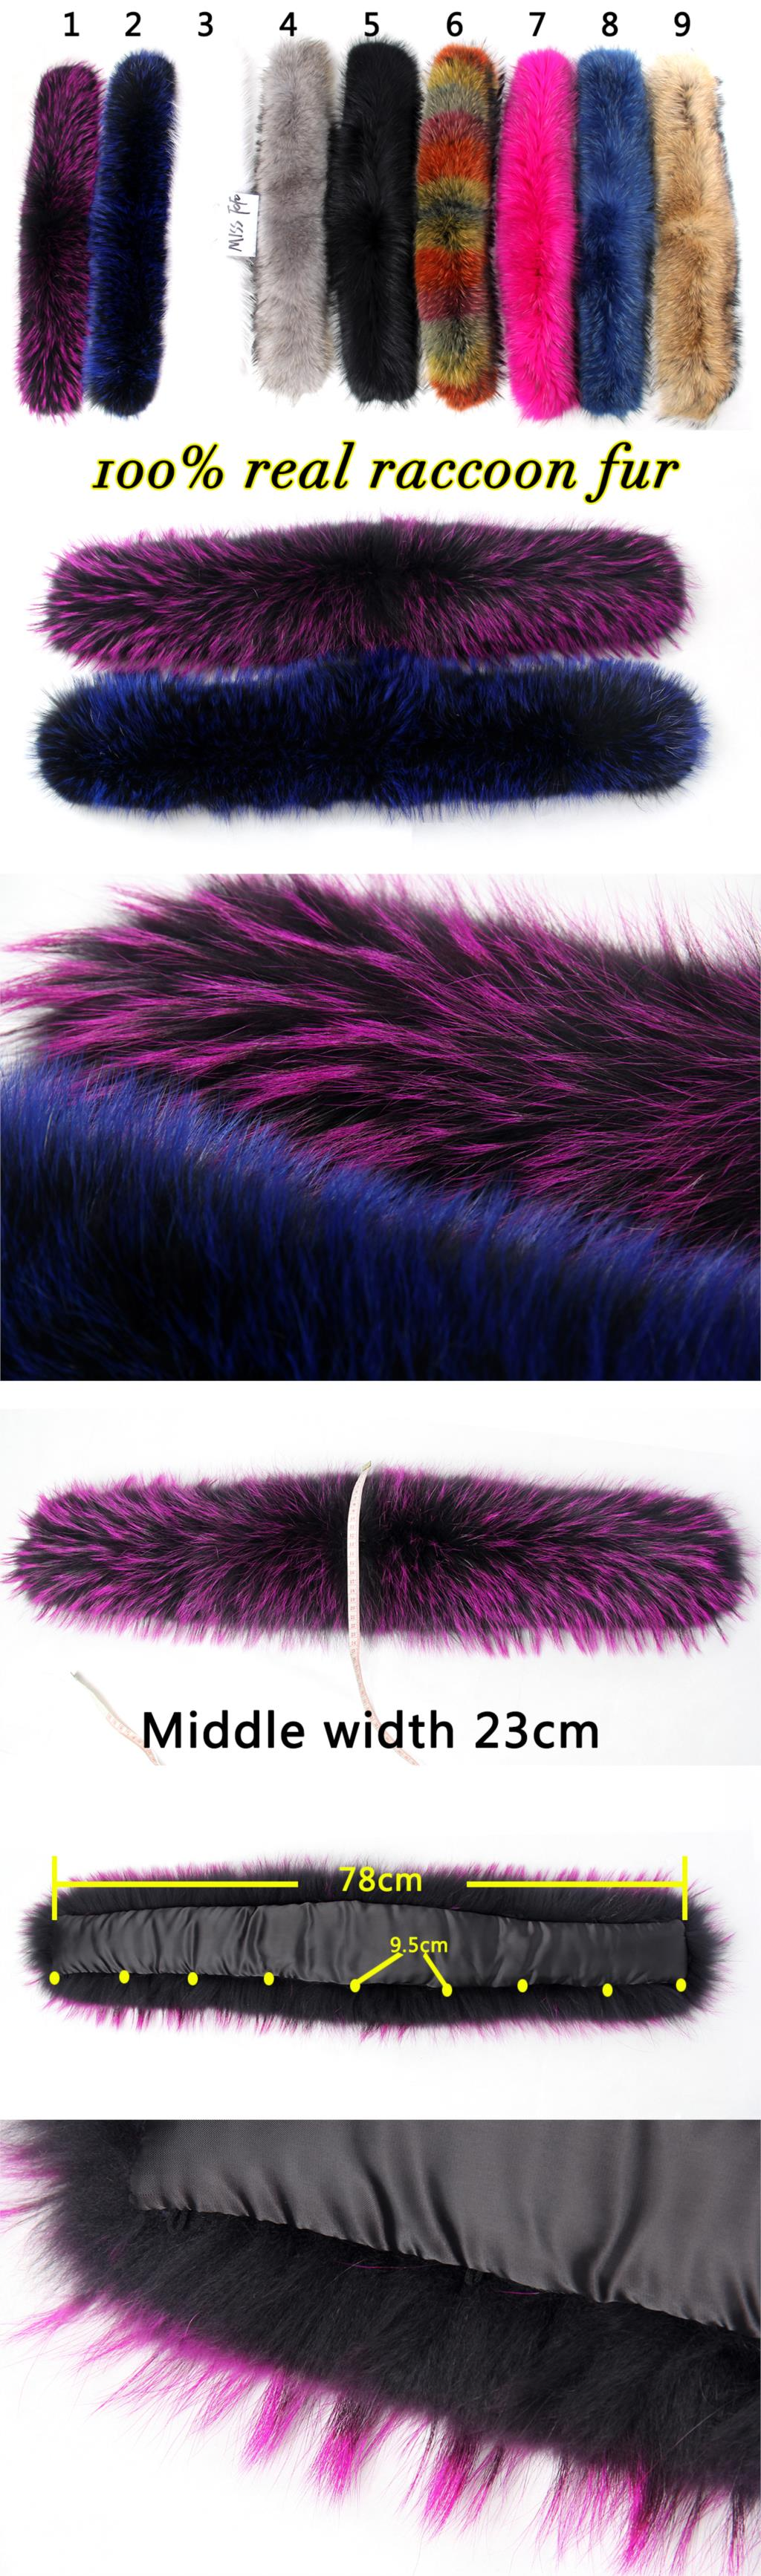 Большой капюшоном меха 100% реального ракун цвет меховой воротник Высокое качество